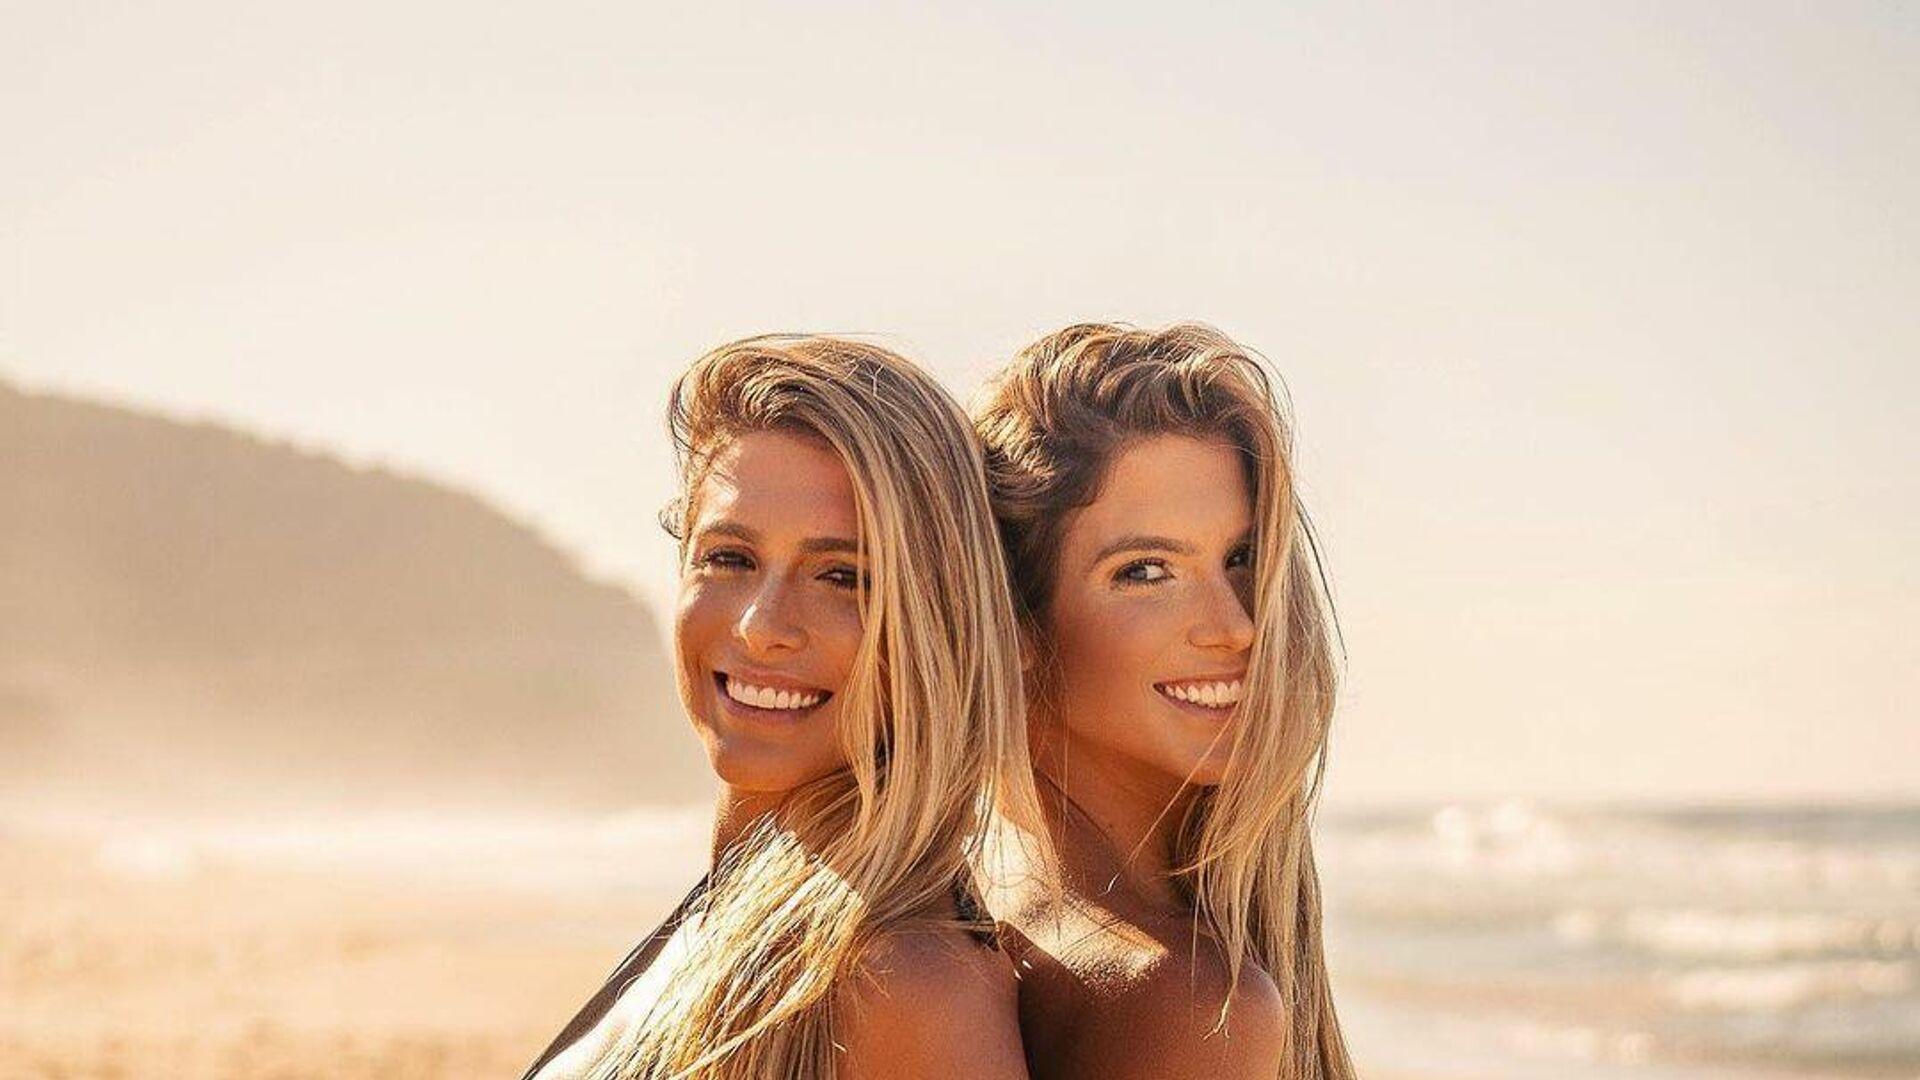 Богини водной стихии: эти близняшки не оставят никого равнодушными